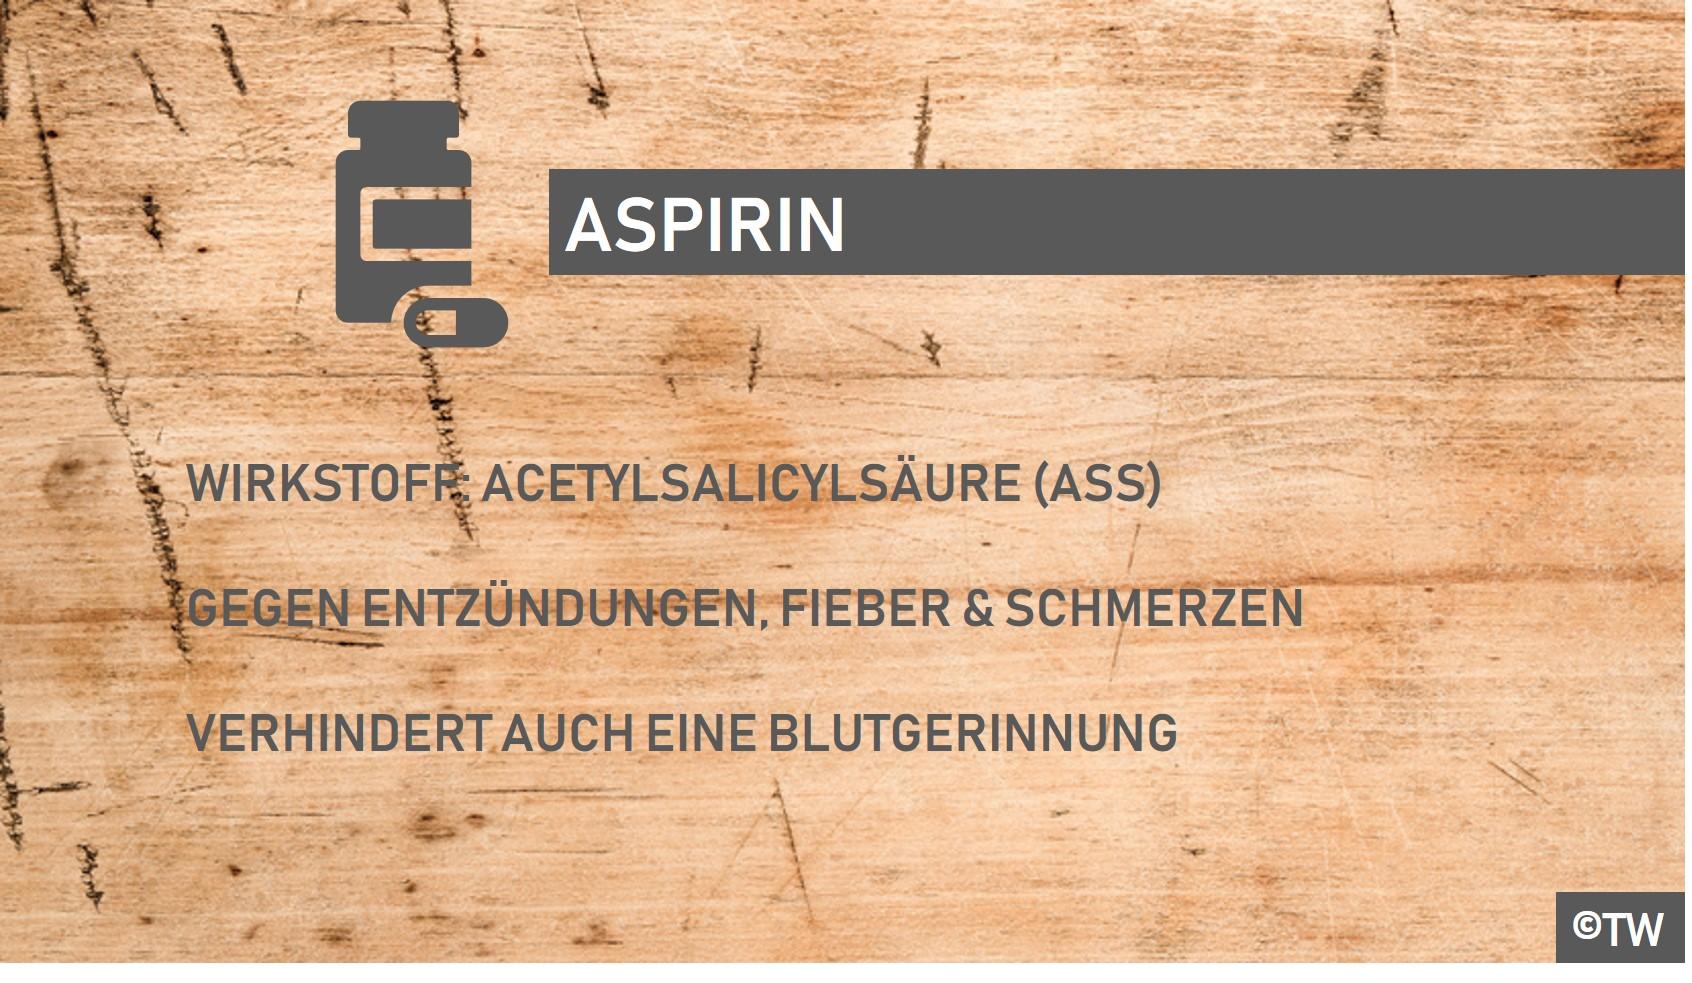 Doktorweiglde Erklärt Aspirin Von Anwendung Bis Nebenwirkungen